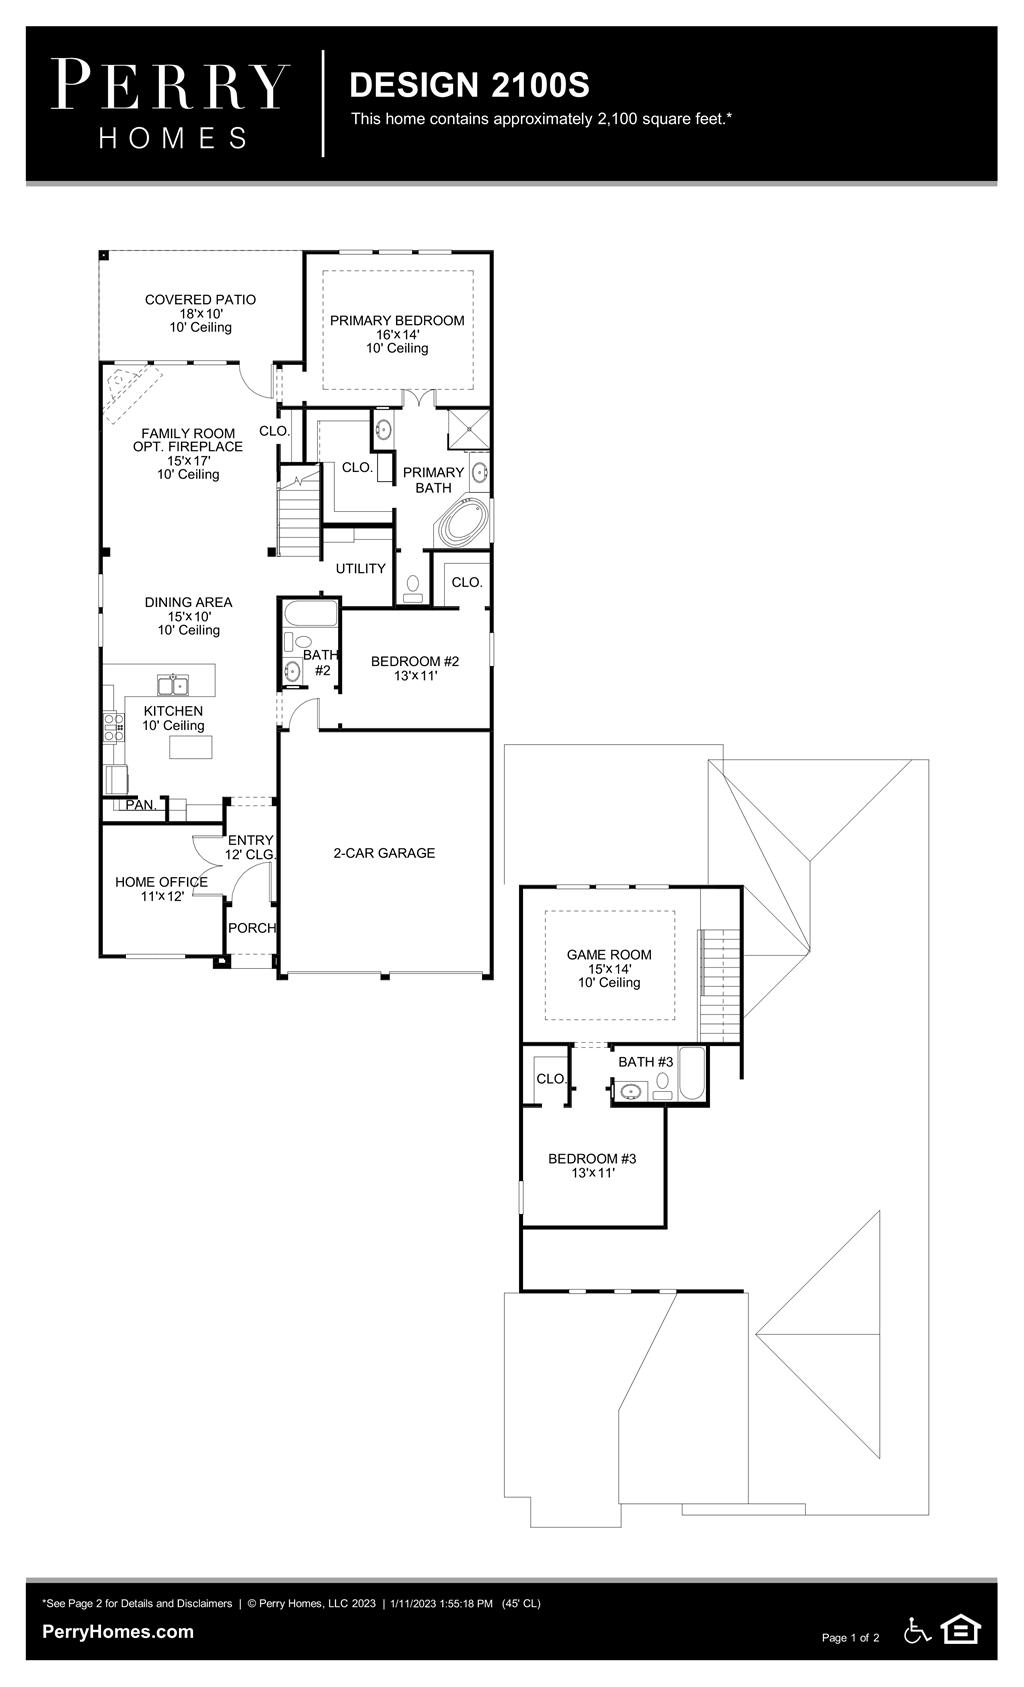 Floor Plan for 2100S